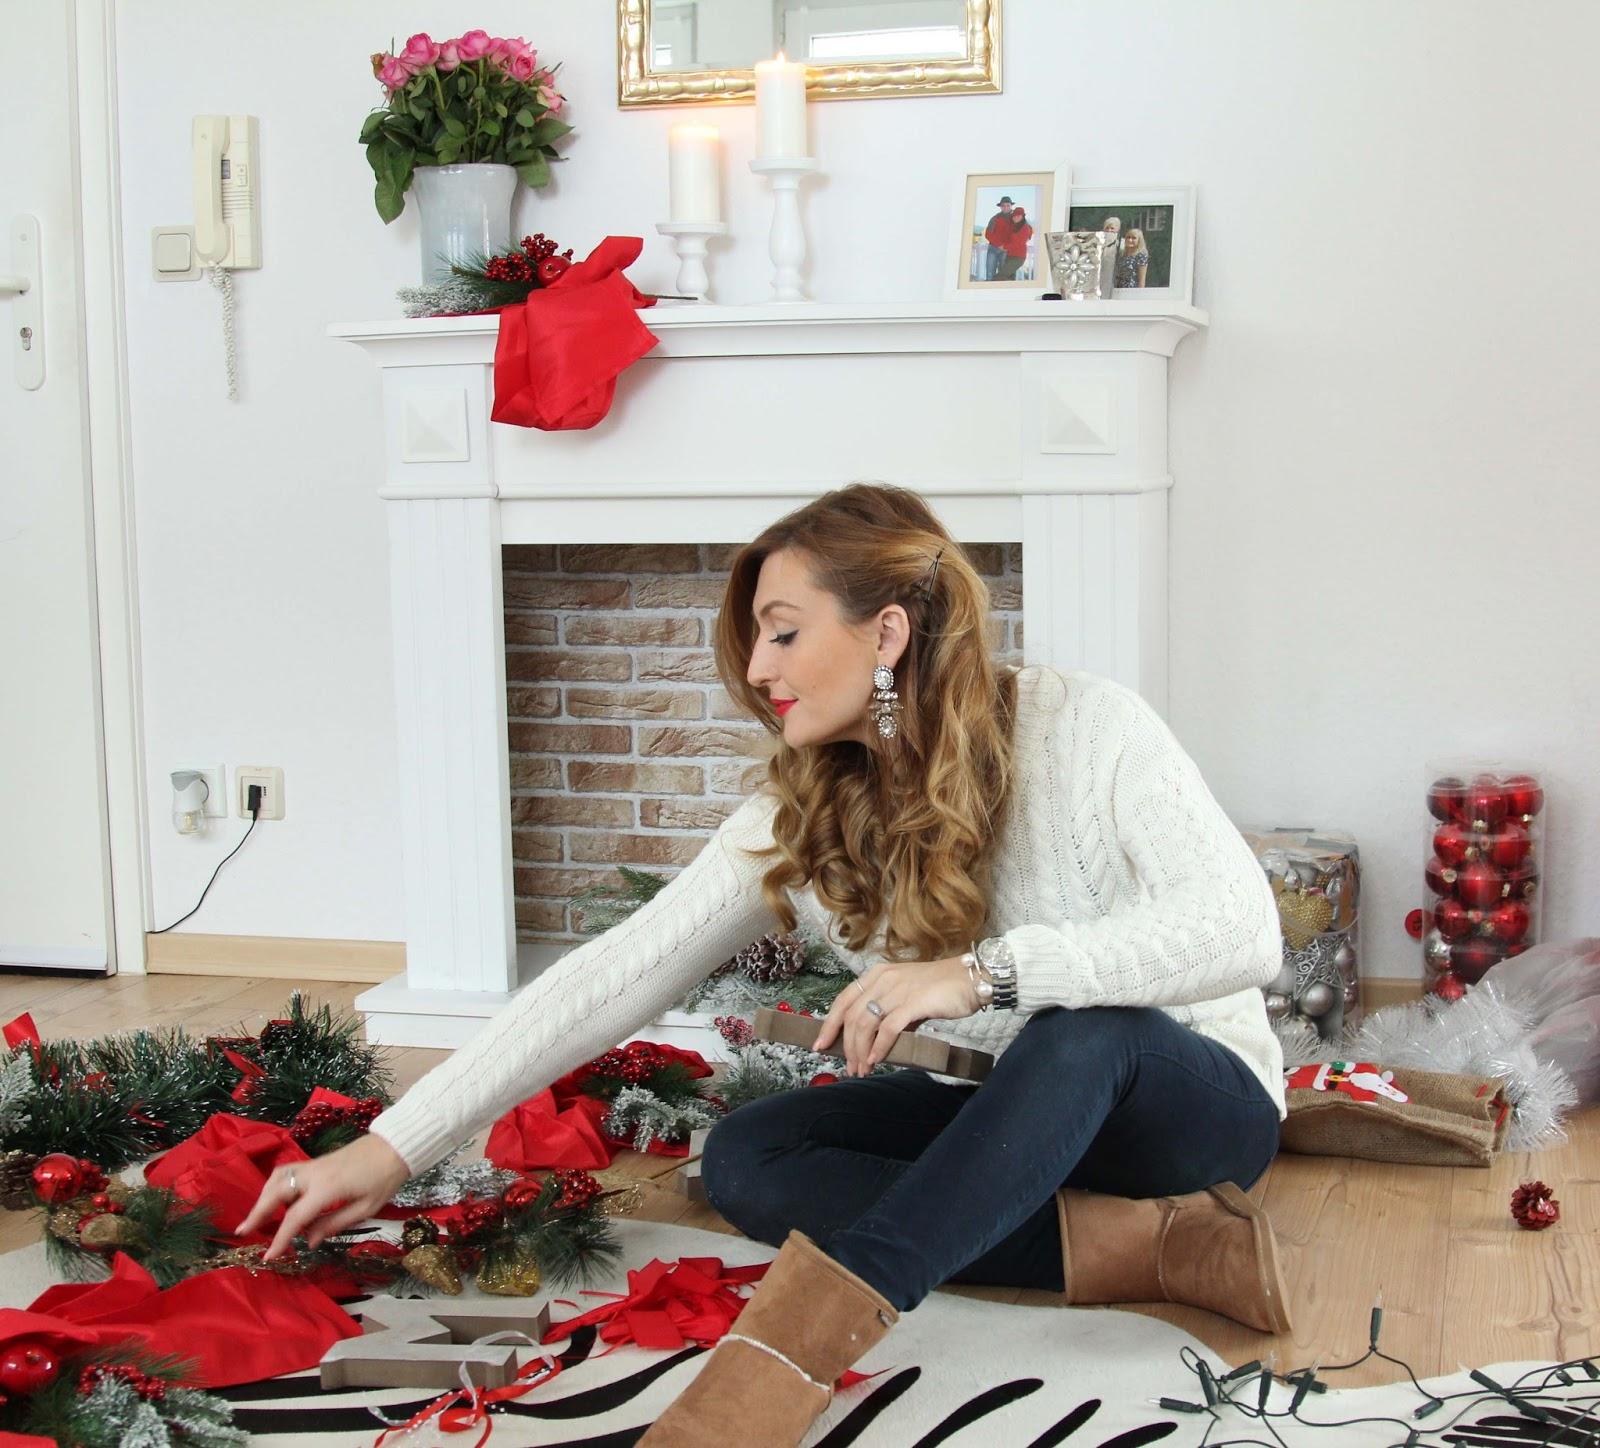 Beflockter-Weihnachtsbaum-Blogger-Fashionblogger-Deko-Weihnachtsdekoration- Wie schmücke ich zu Weihnachten